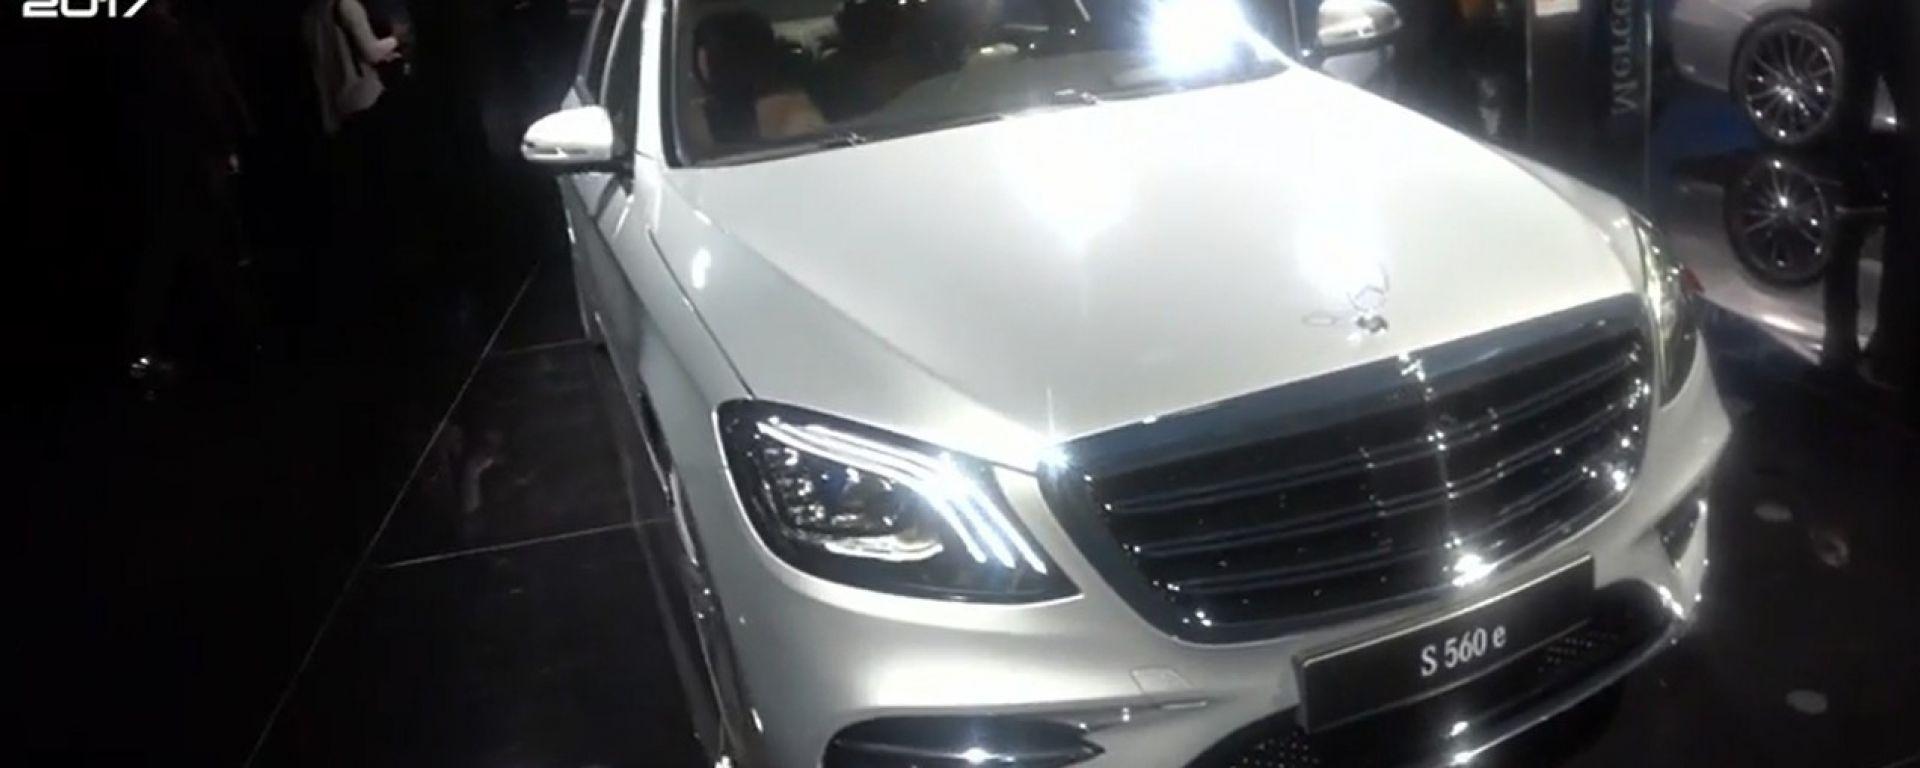 Mercedes Classe S Cabrio e Coupé: arriva il restyling 2018